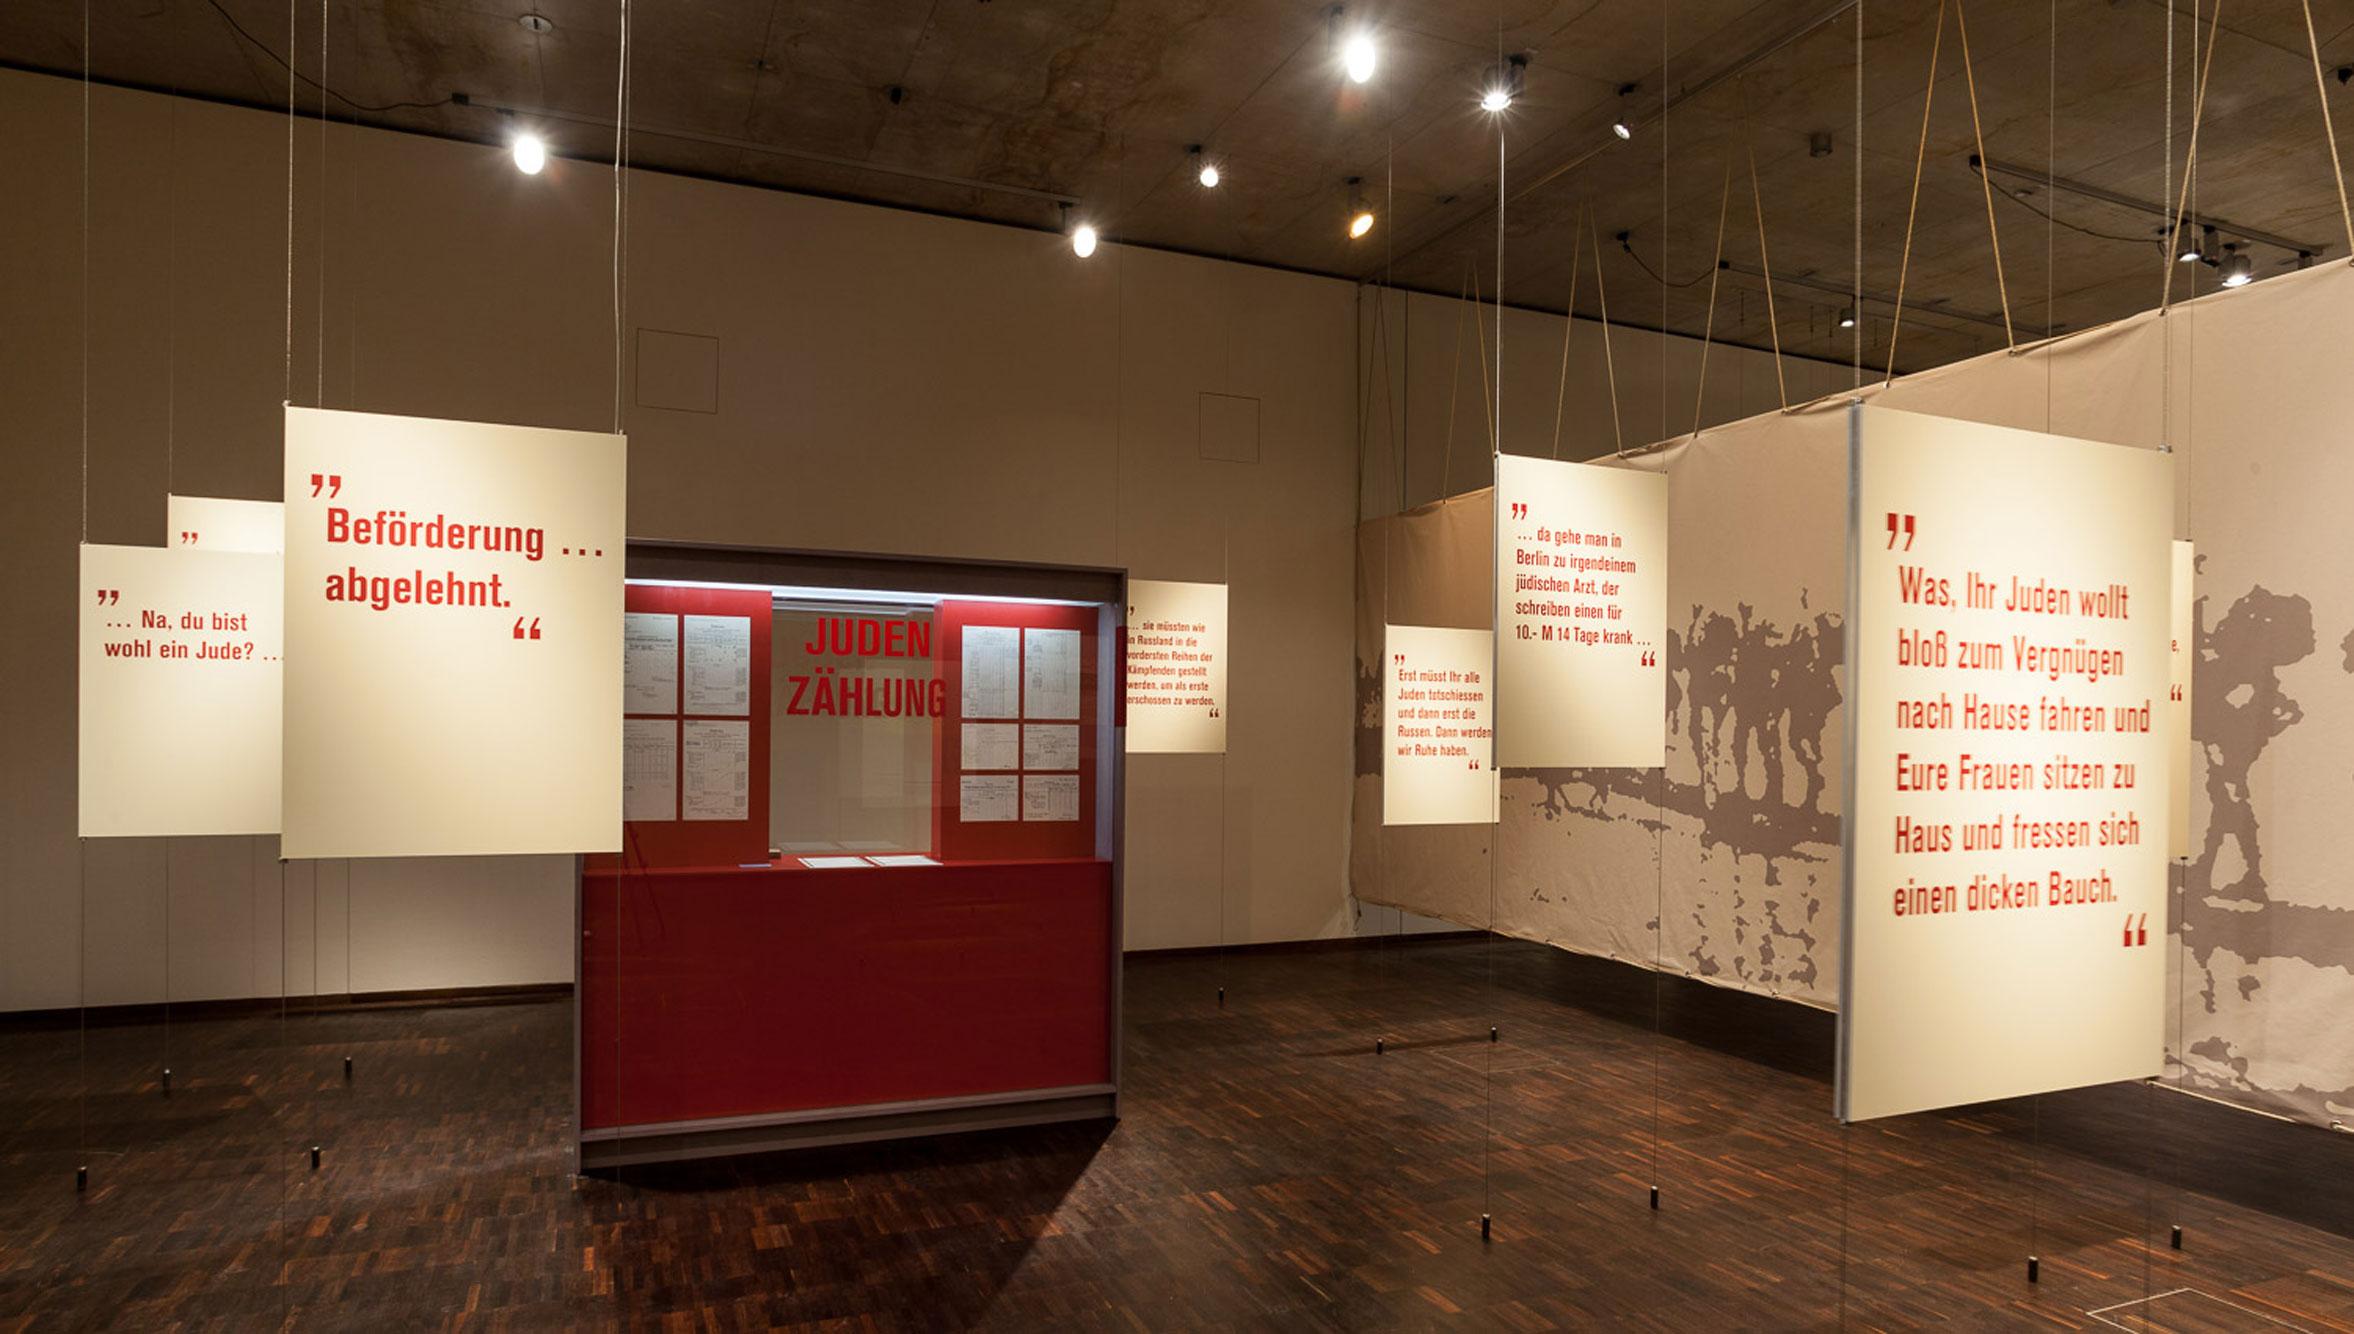 von GROTE Ausstellungsgestaltung und Design / Krieg! Juden zwischen den Fronten 1914-1918